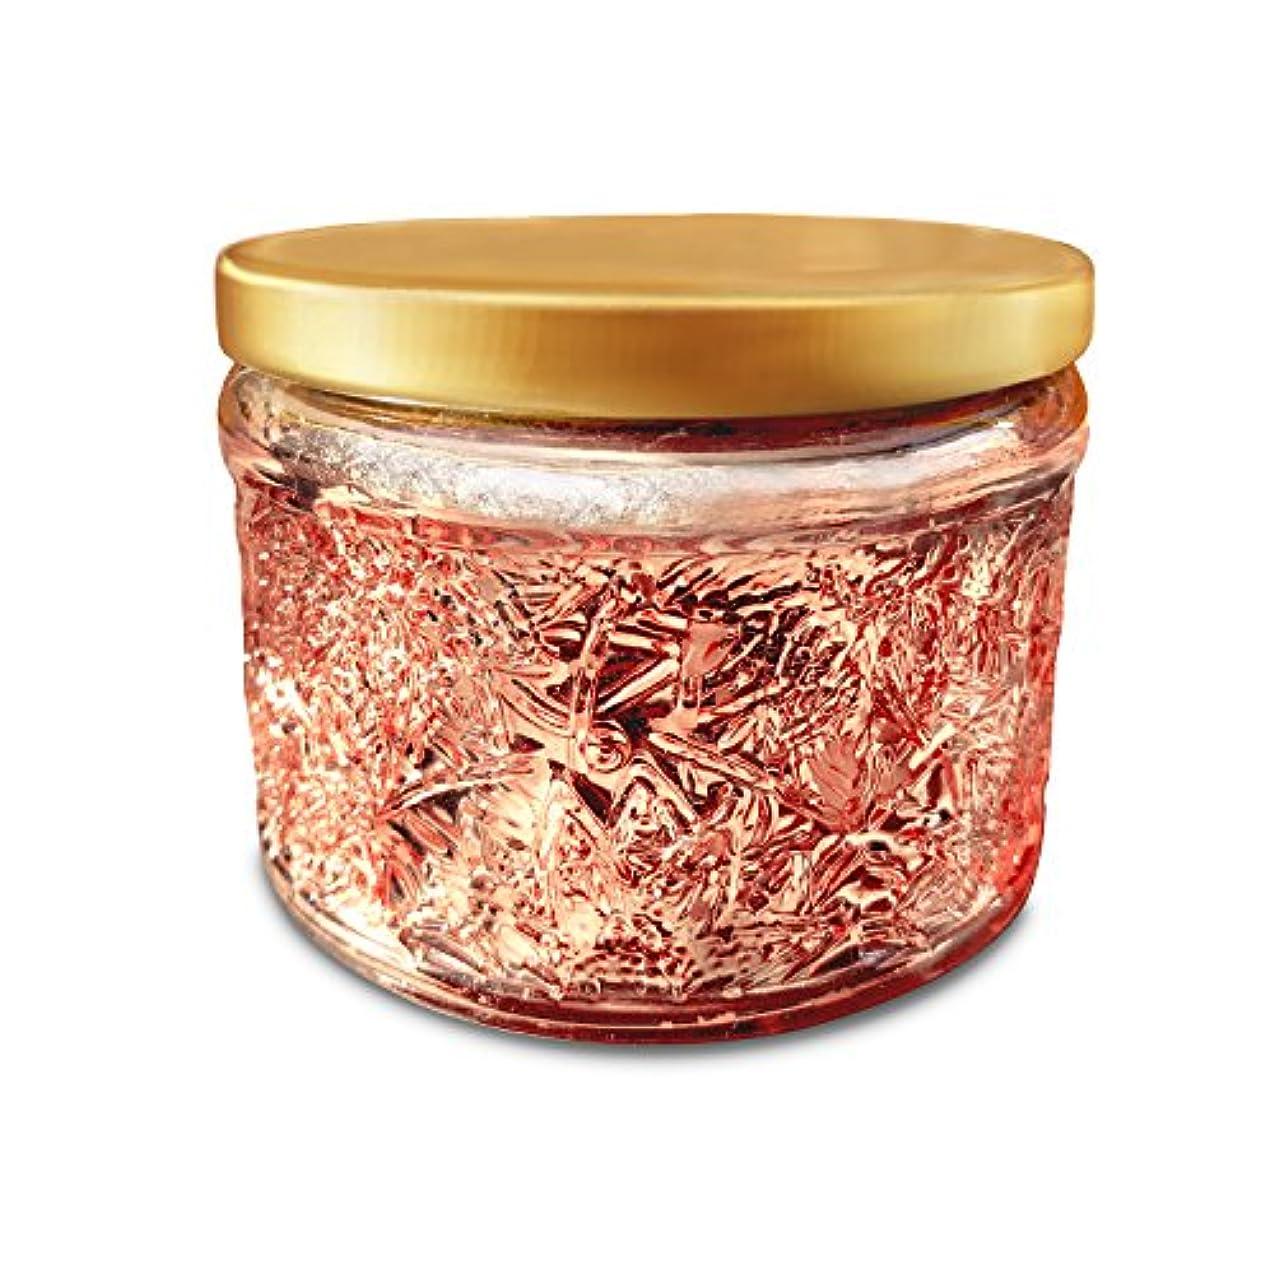 短命複製再開Fruit Scented Candle,220 g, 25 h Hours burn, Soy and Coconut Wax, Natural Essential Oil